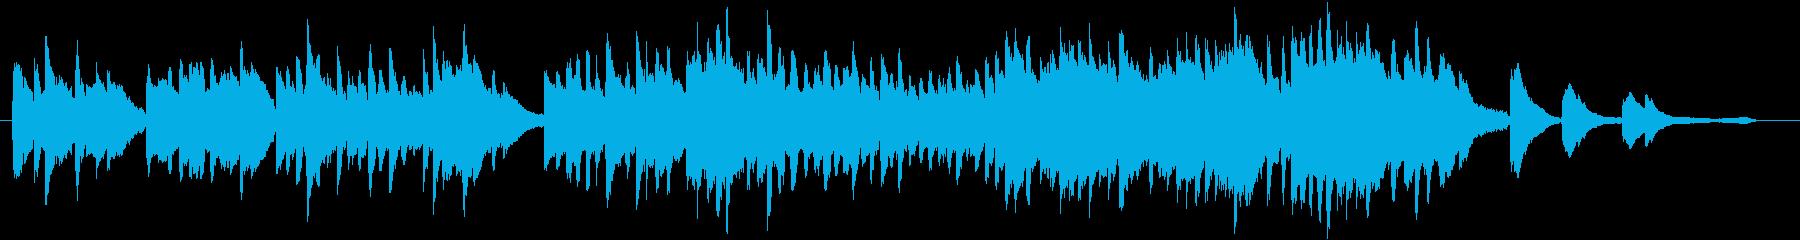 優しい揺れを感じるピアノソロの再生済みの波形